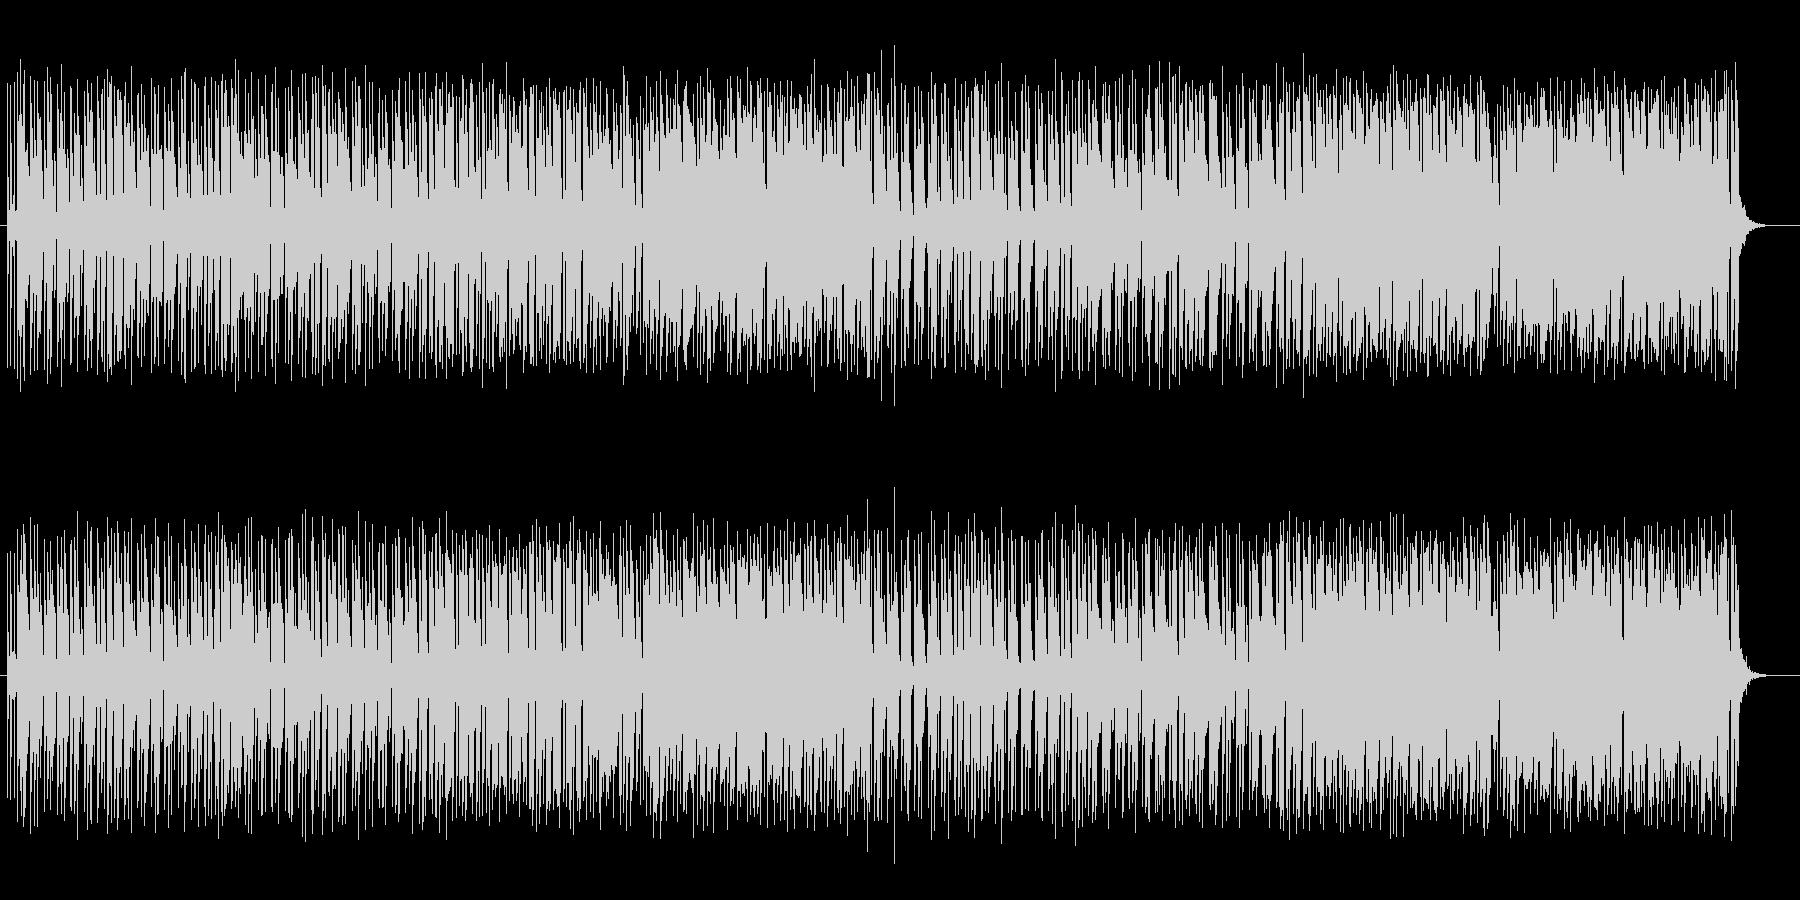 可愛いアップテンポのシンセサイザーの曲の未再生の波形